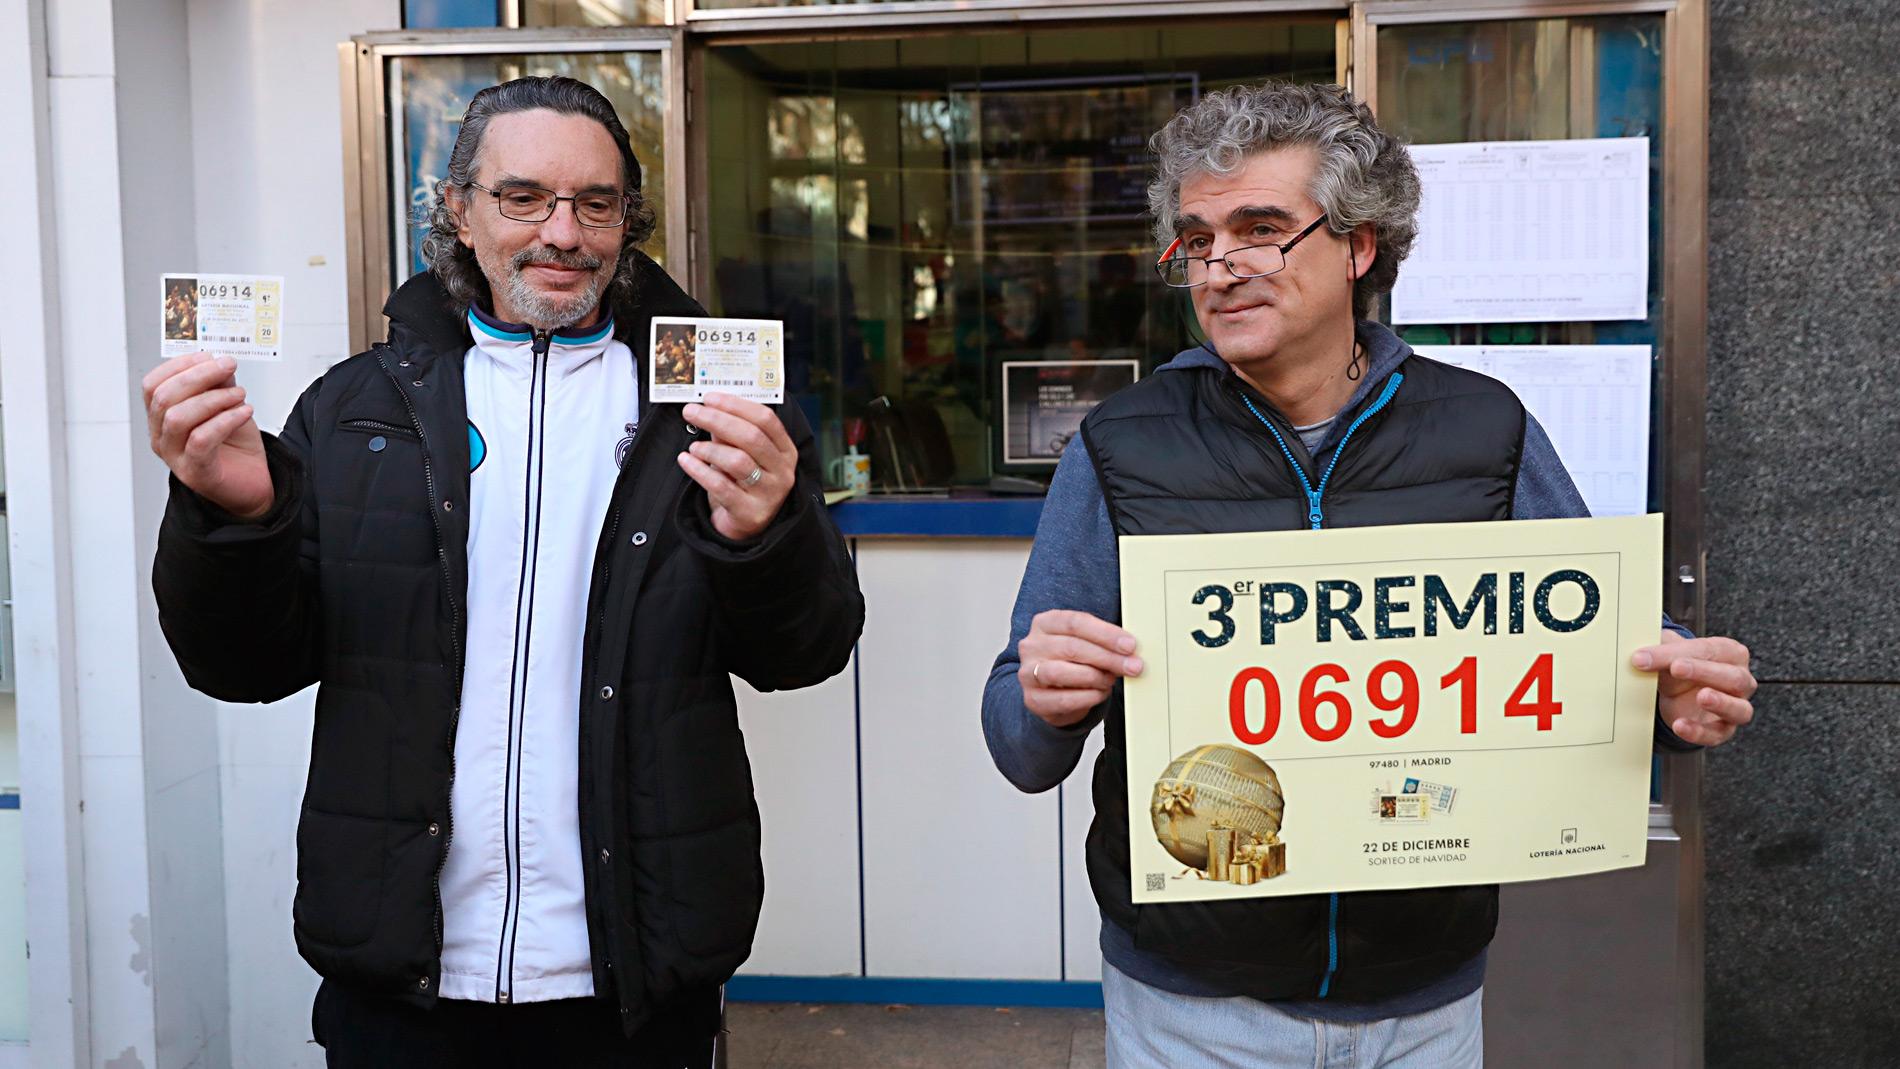 Premios loteria navidad 2019 winorama com-582968